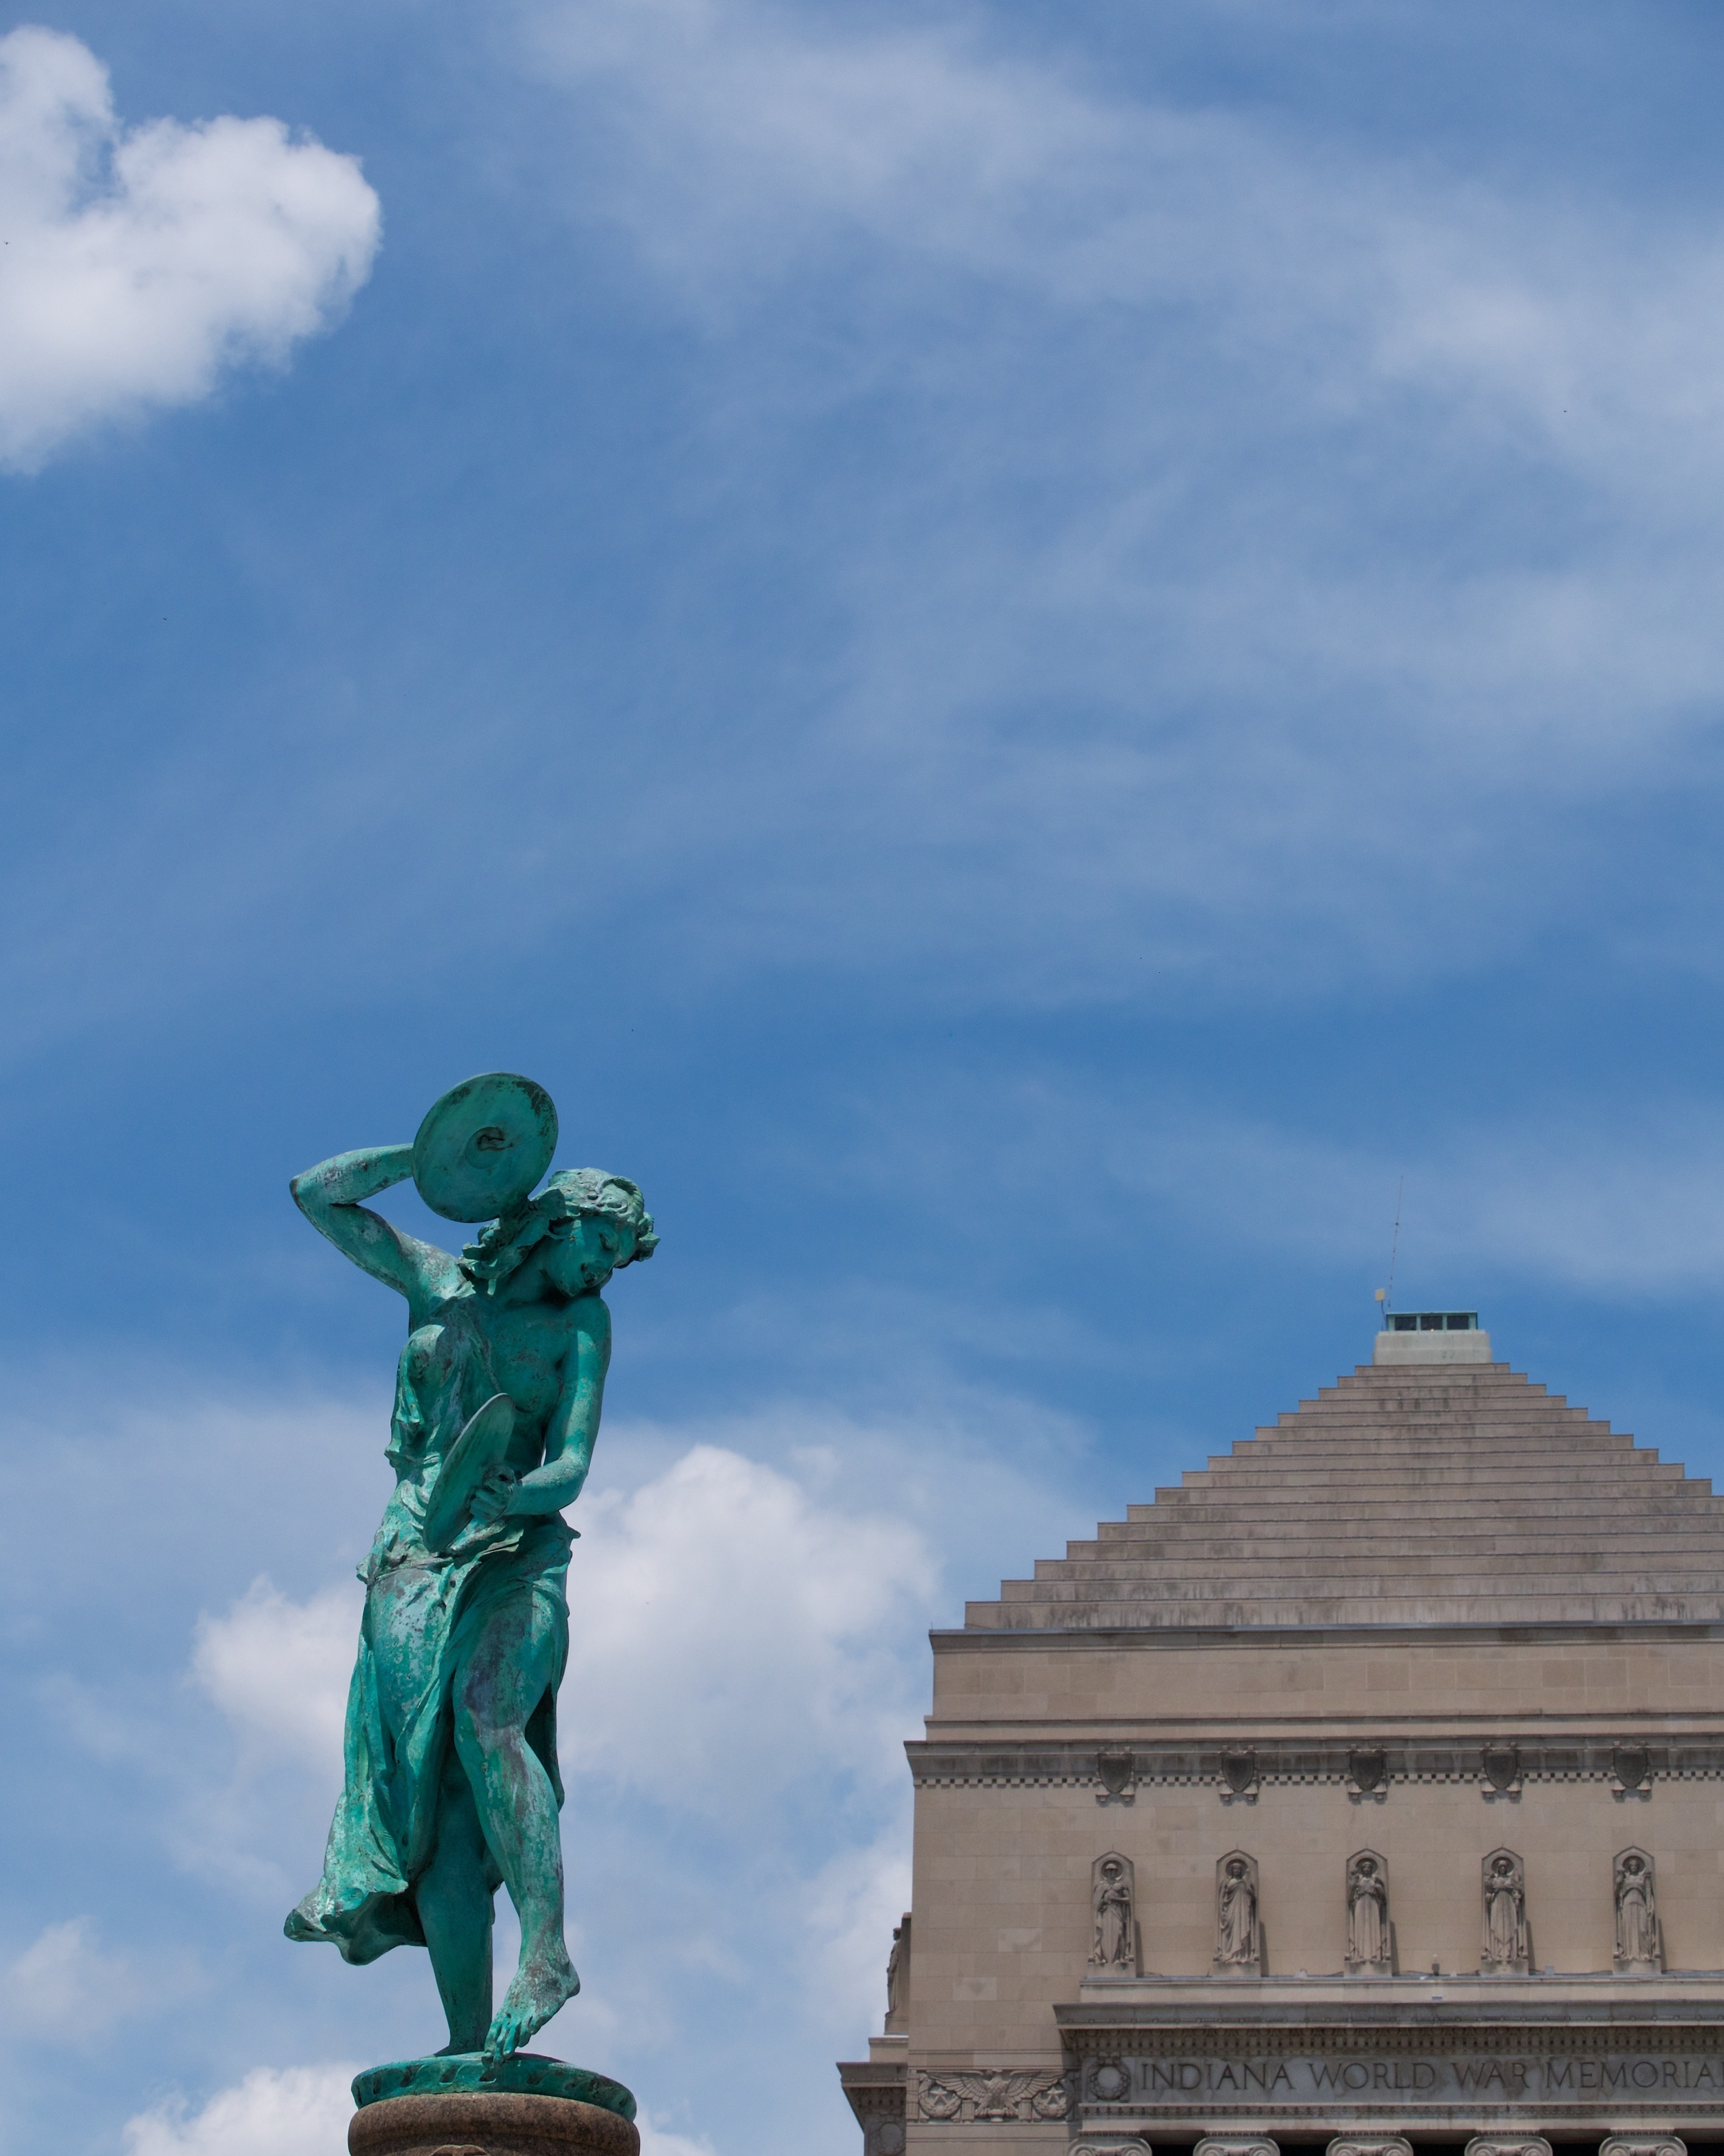 Memorial Park, Indiana World War Memorial